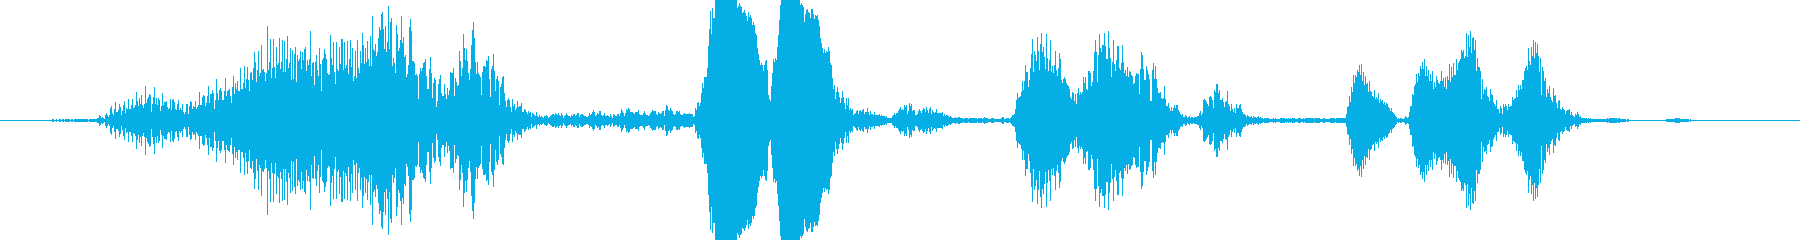 小型モンスターの笑い声02の再生済みの波形